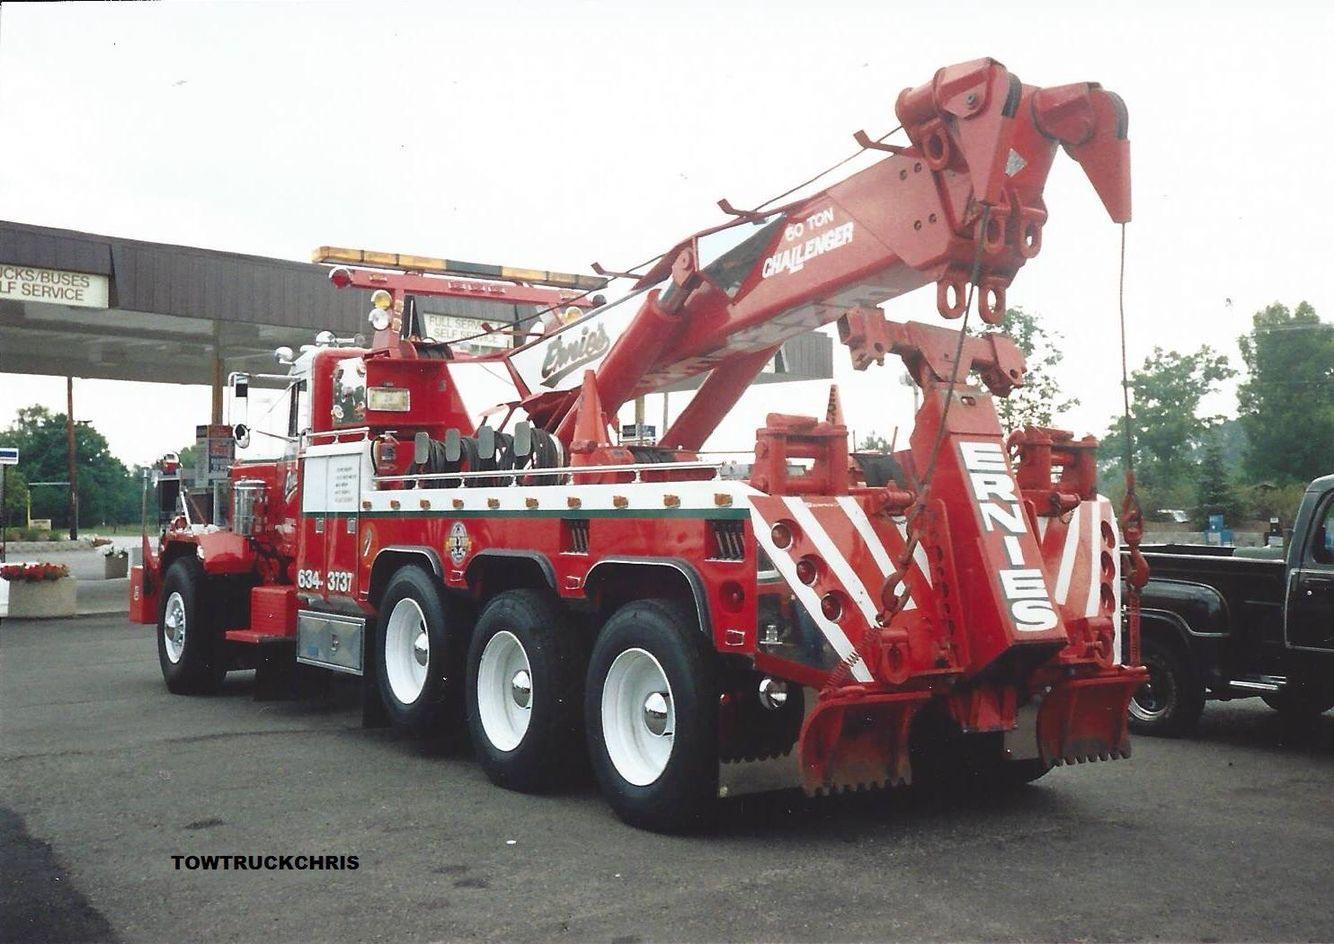 Ernie s wrecker service vernon hills il peterbilt w challenger 60 ton